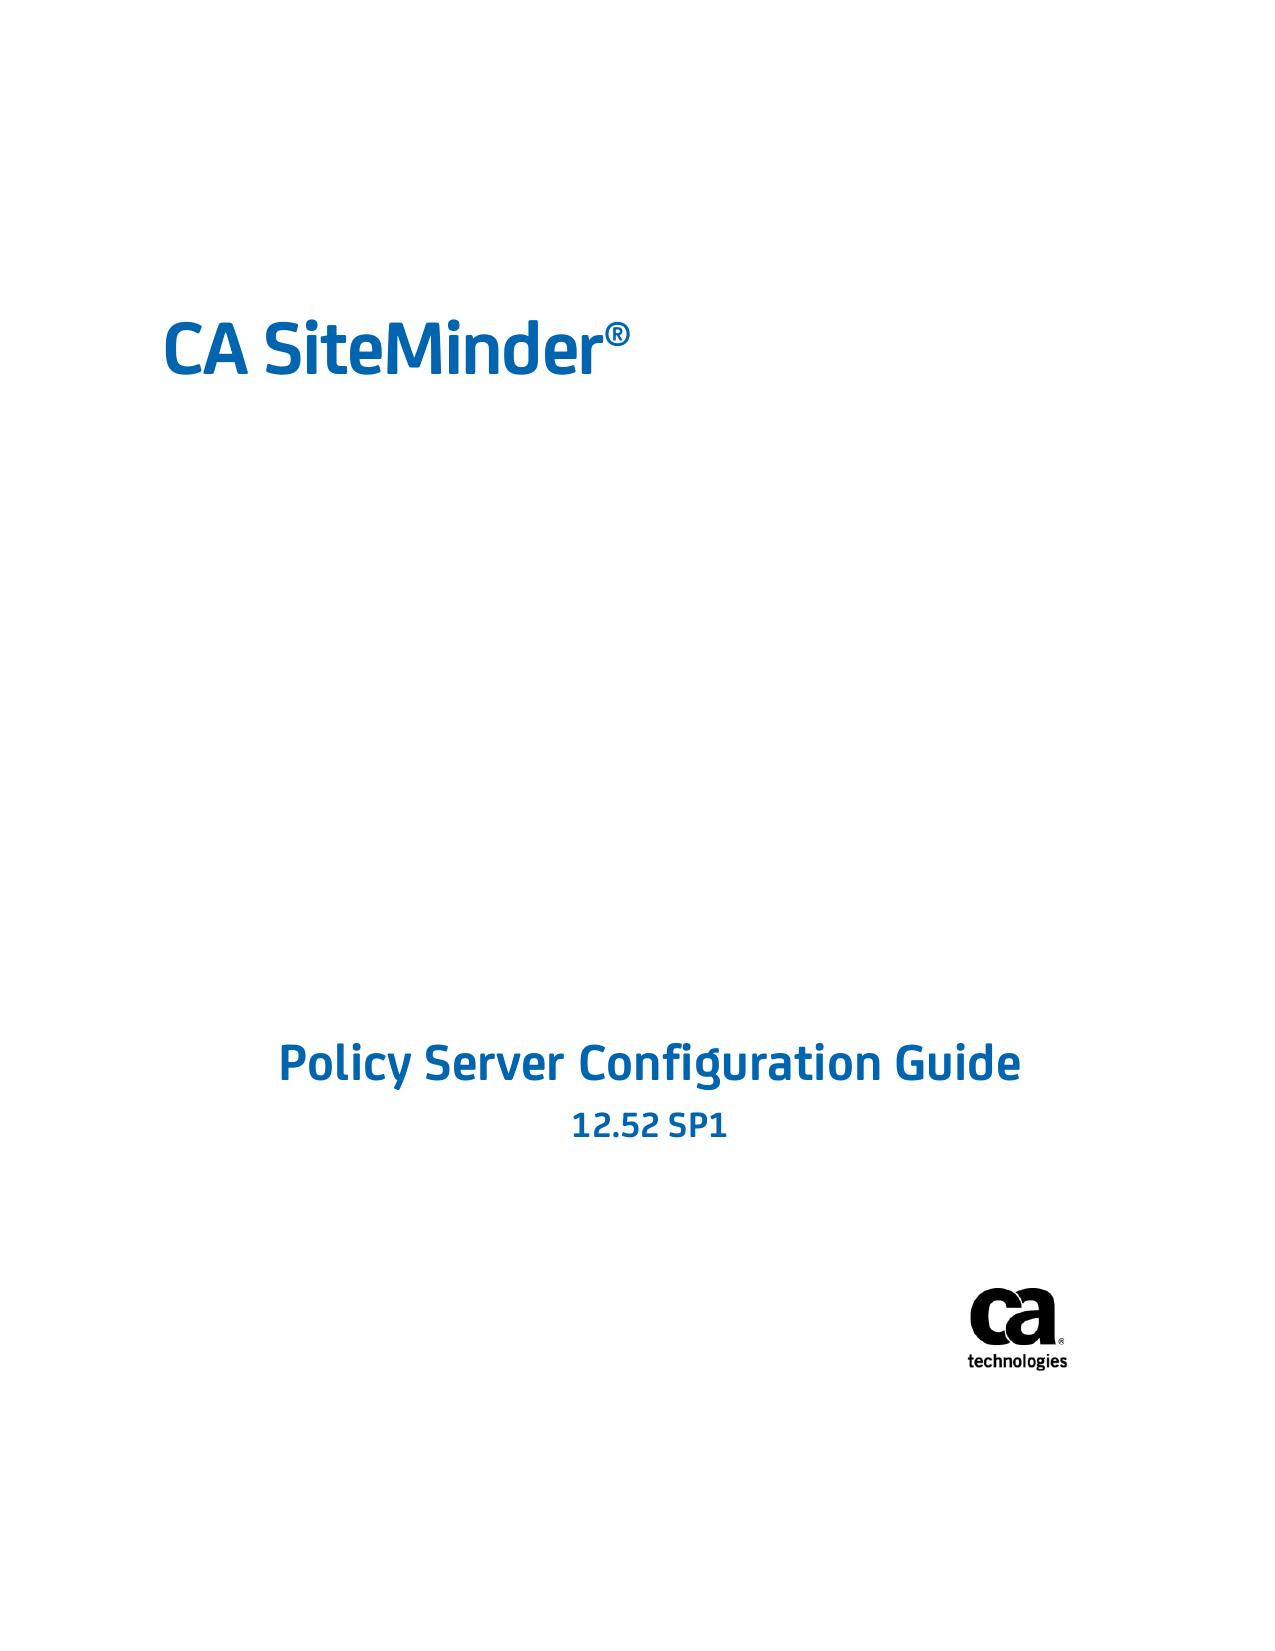 CA SiteMinder Policy Server Configuration Guide | manualzz com